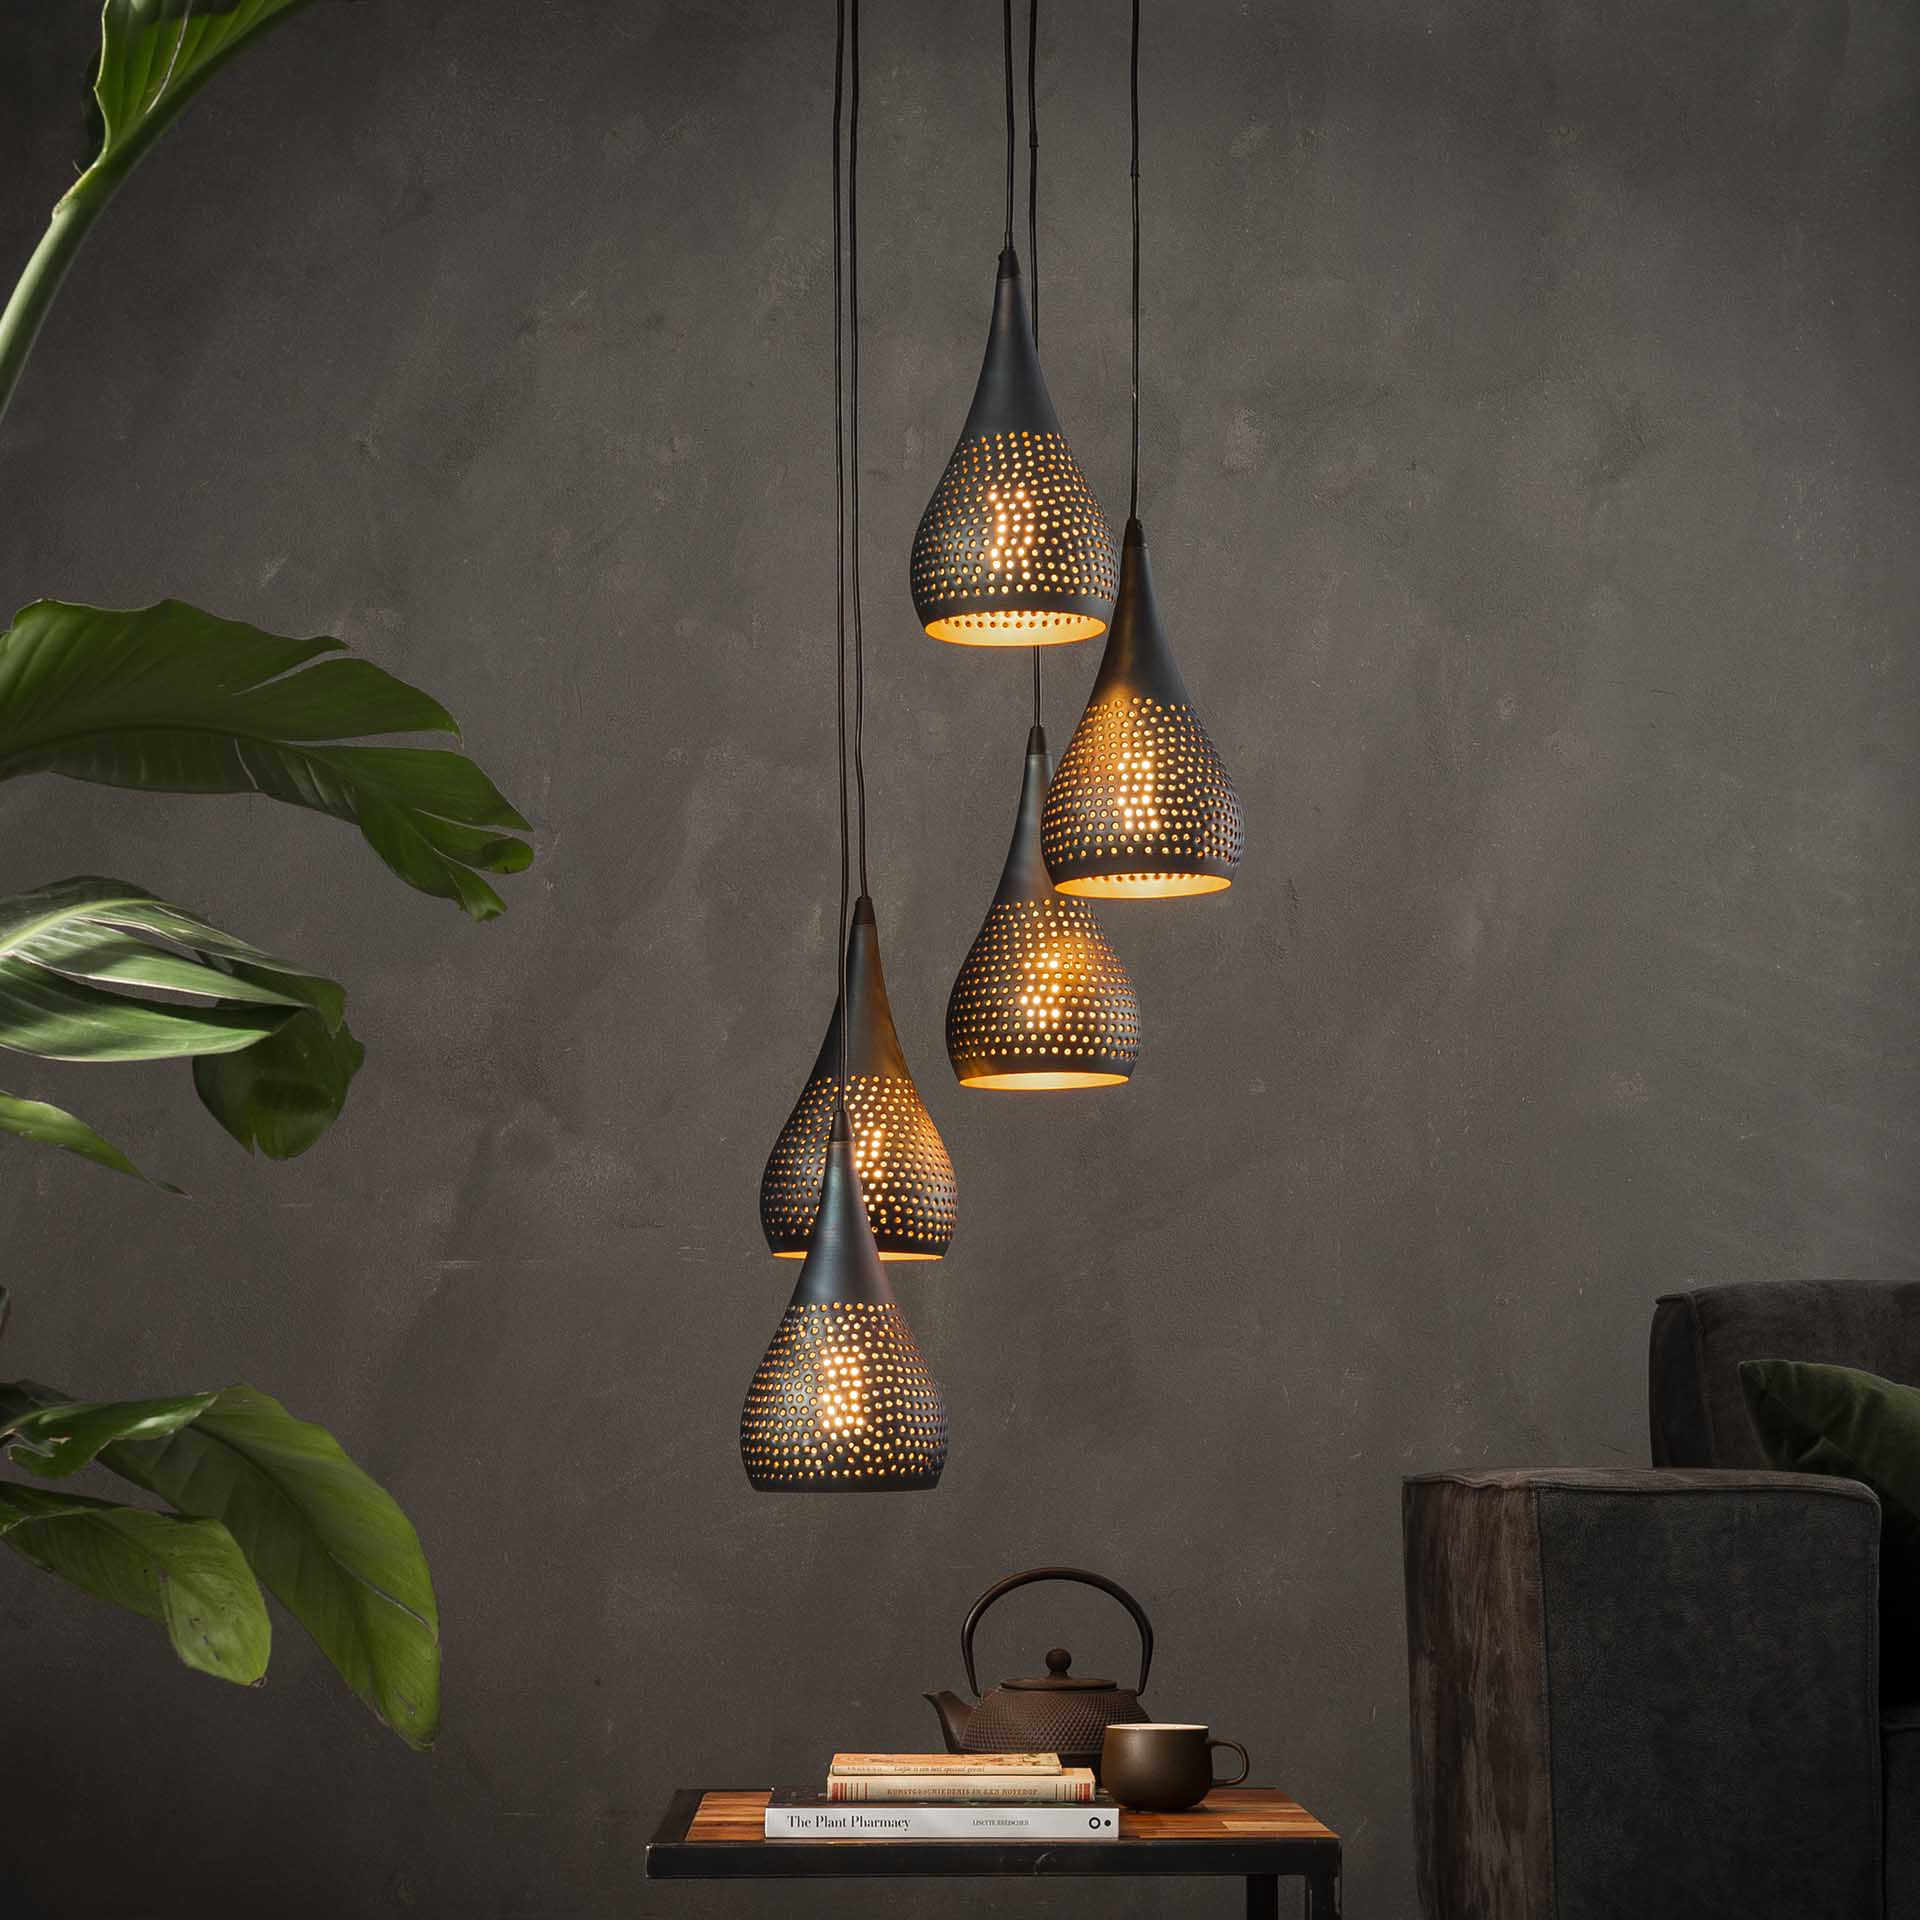 baunatal-hanglamp-5-kappen-druppel-perforatie-1